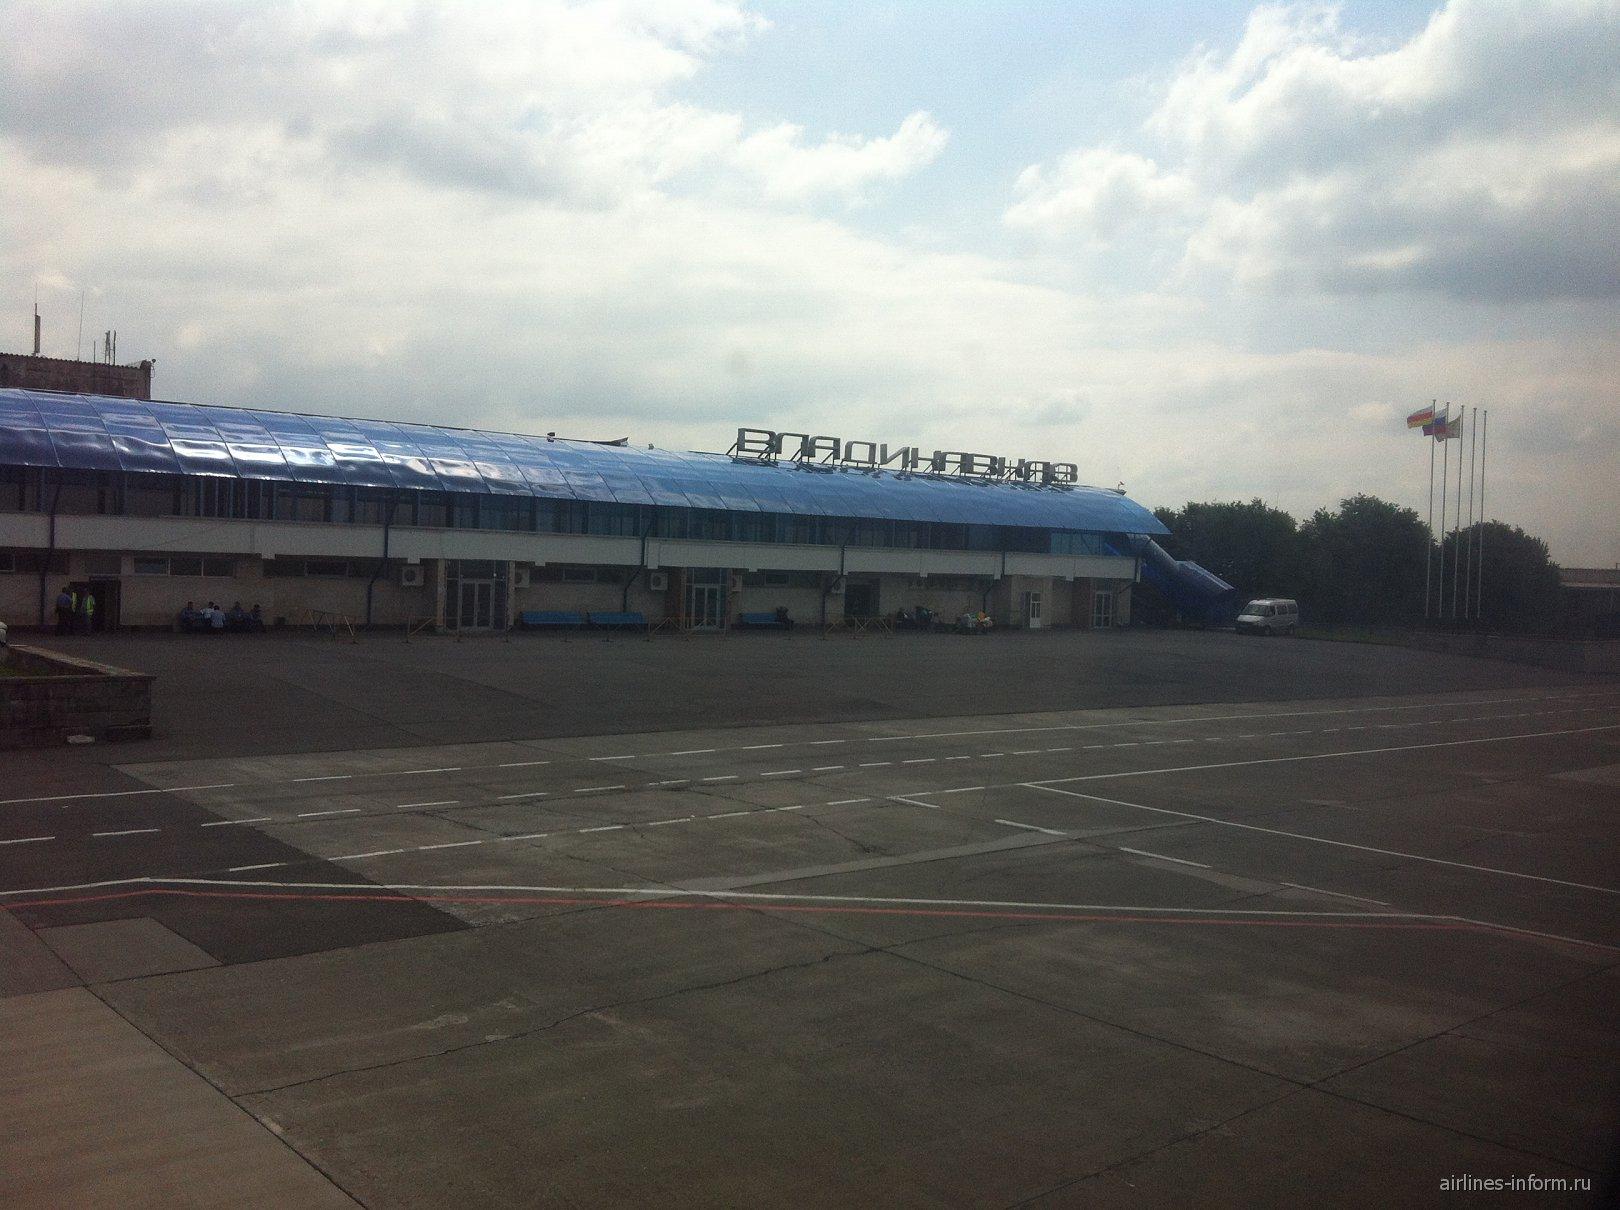 Аэровокзал аэропорта Беслан во Владикавказе